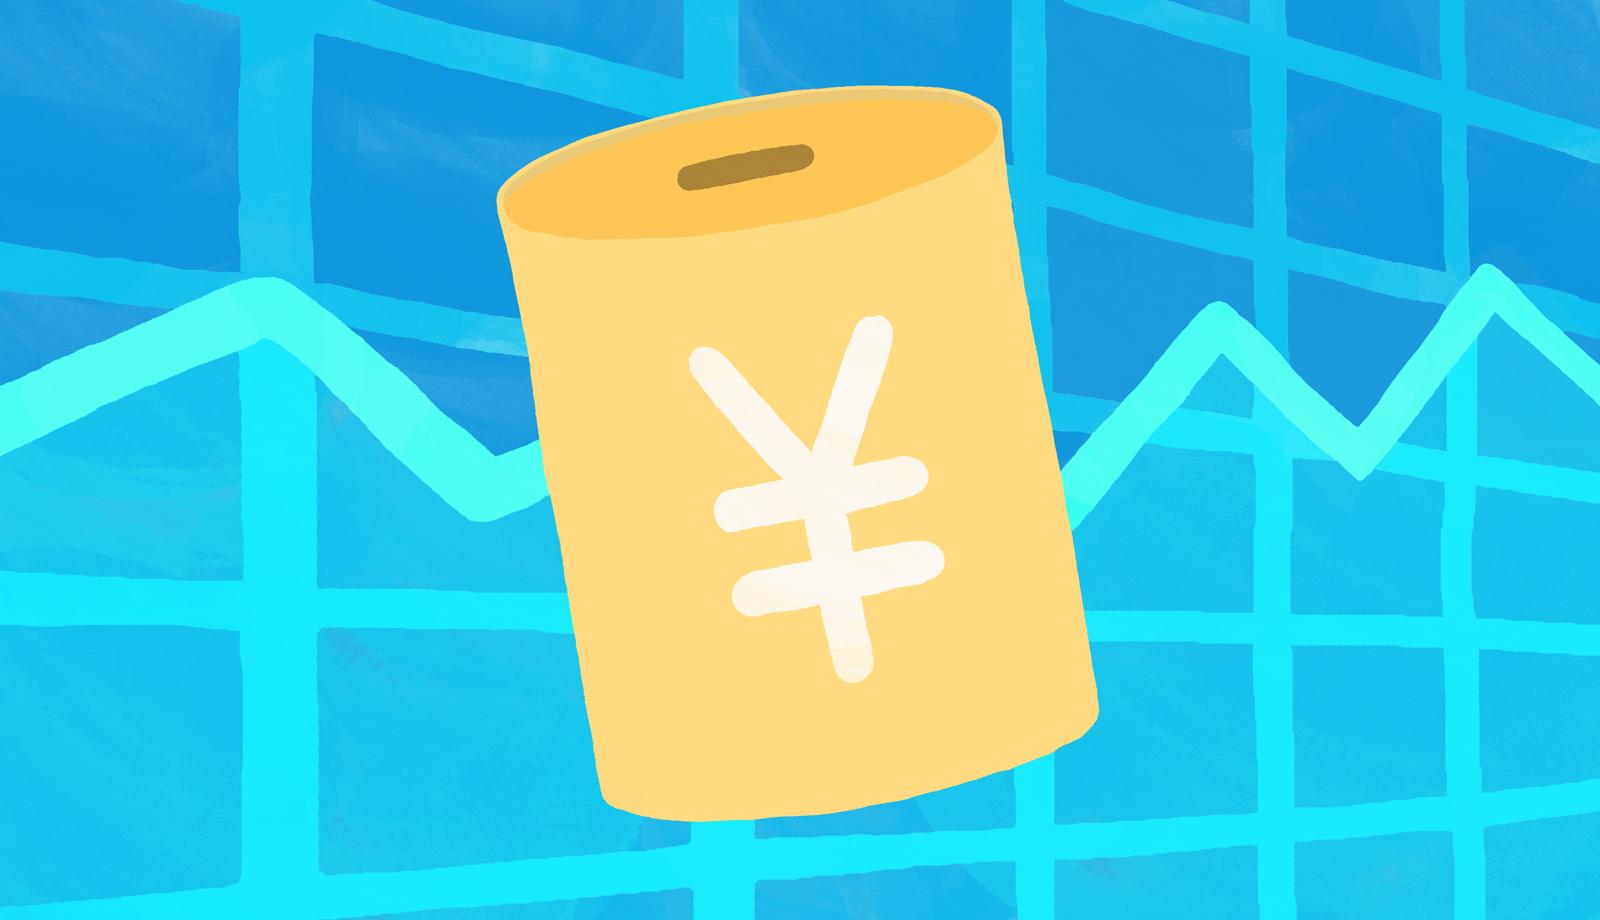 株初心者必見!へそくりで始める株式投資入門